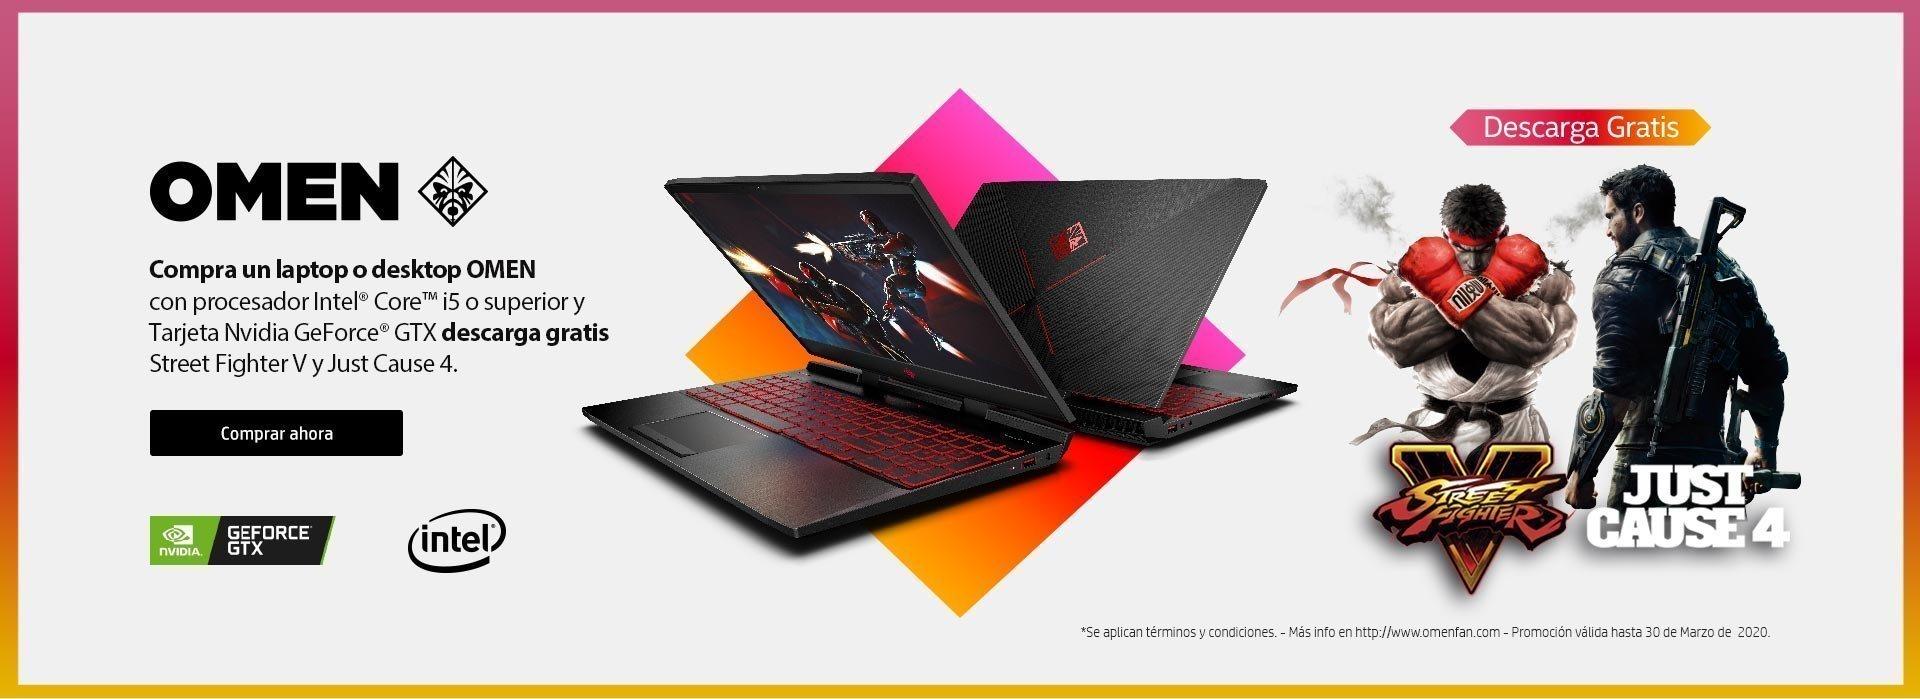 Laptops HP | Versatilidad y desempeño excepcionales